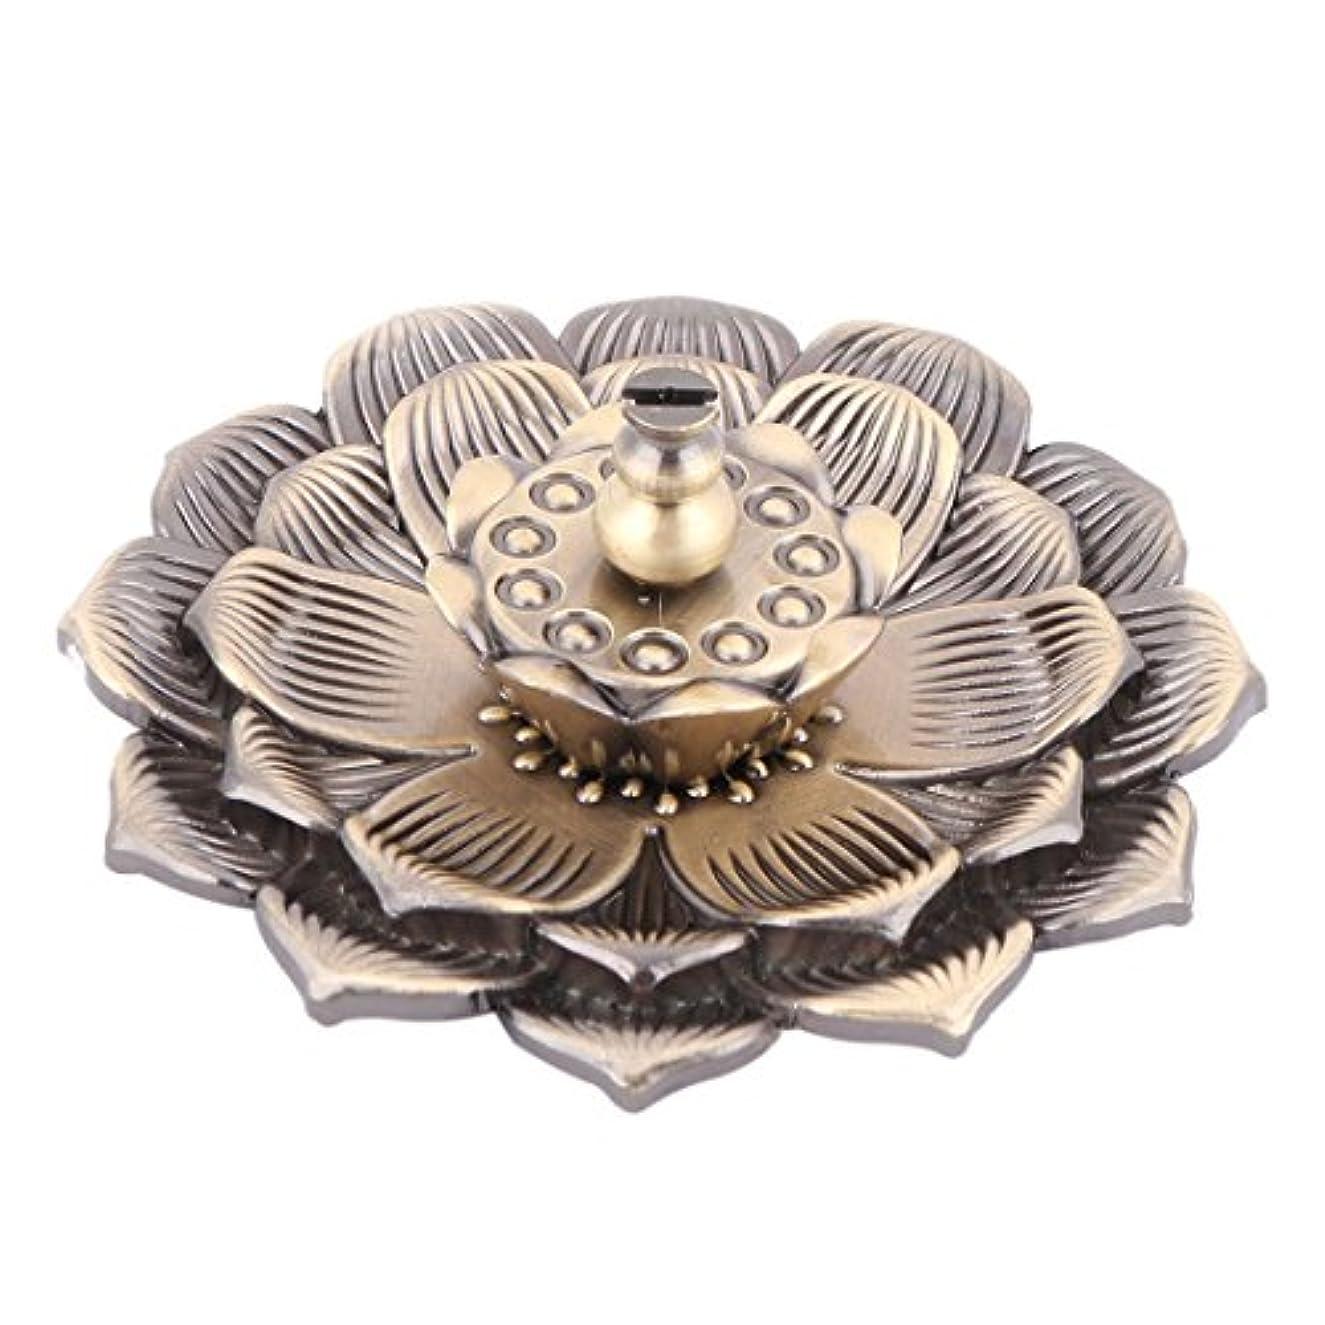 ソファーワットベーコンuxcell 香炉ホルダー お香立て インセンスホルダー 蓮 ロータス 花型 セット 金属製 家庭用 直径10cm ブロンズ